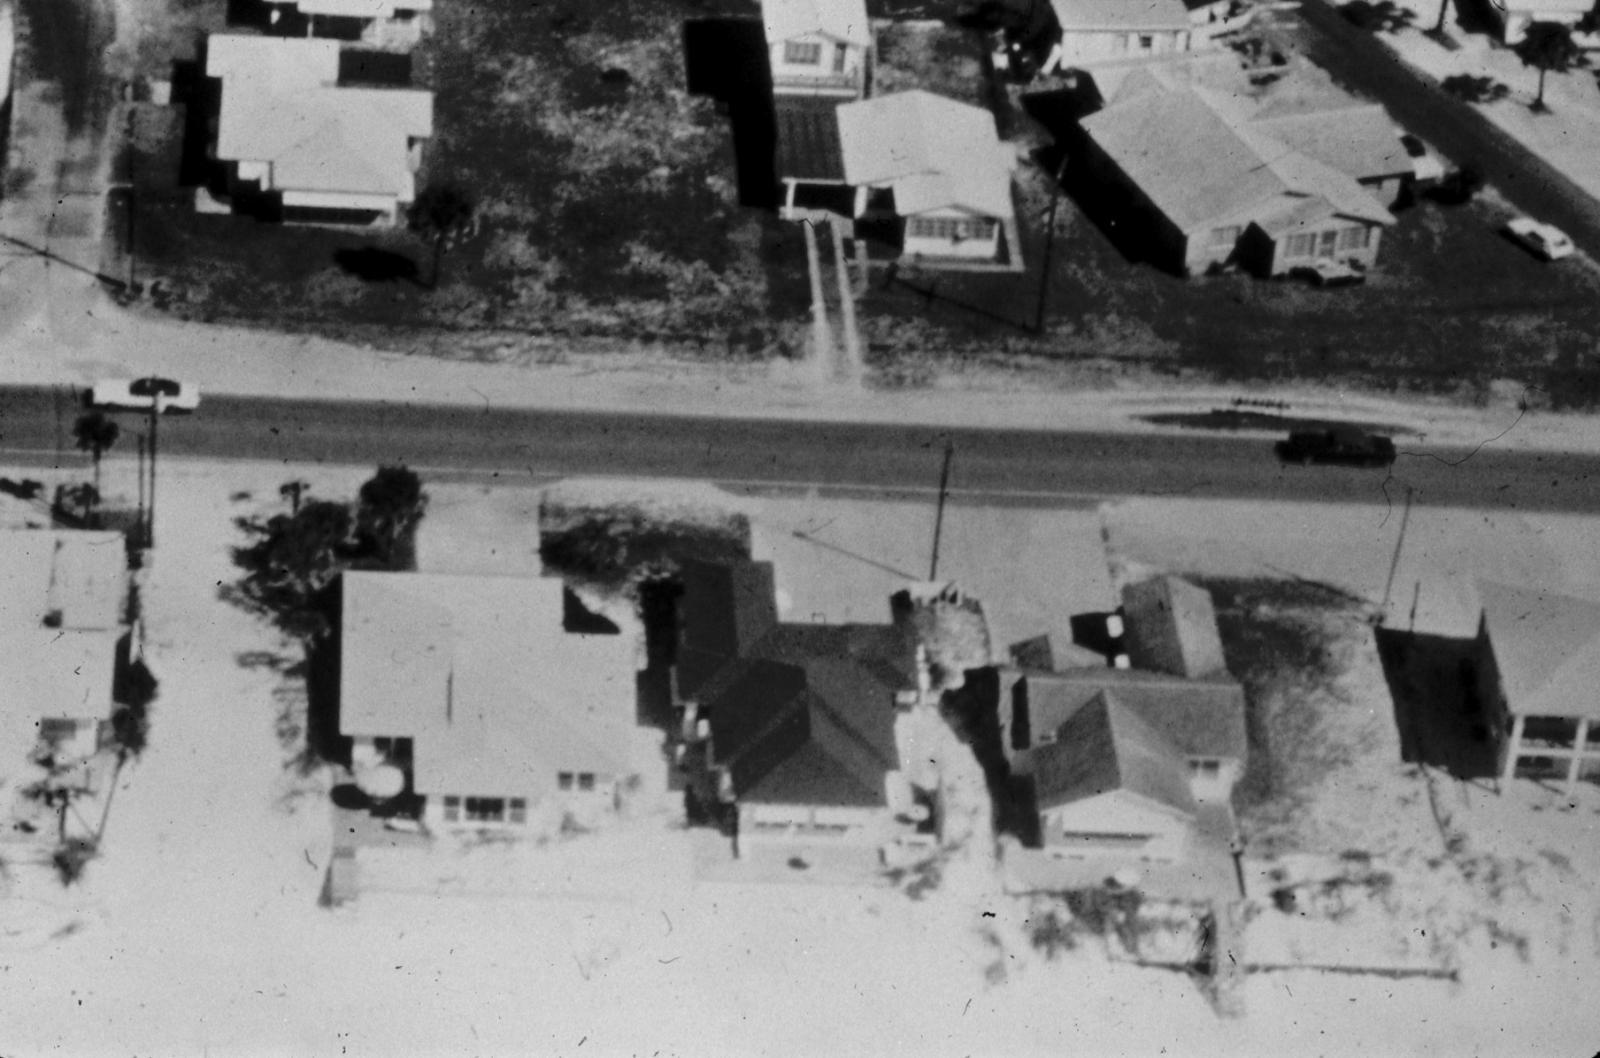 Hurricane Eloise - September 23, 1975